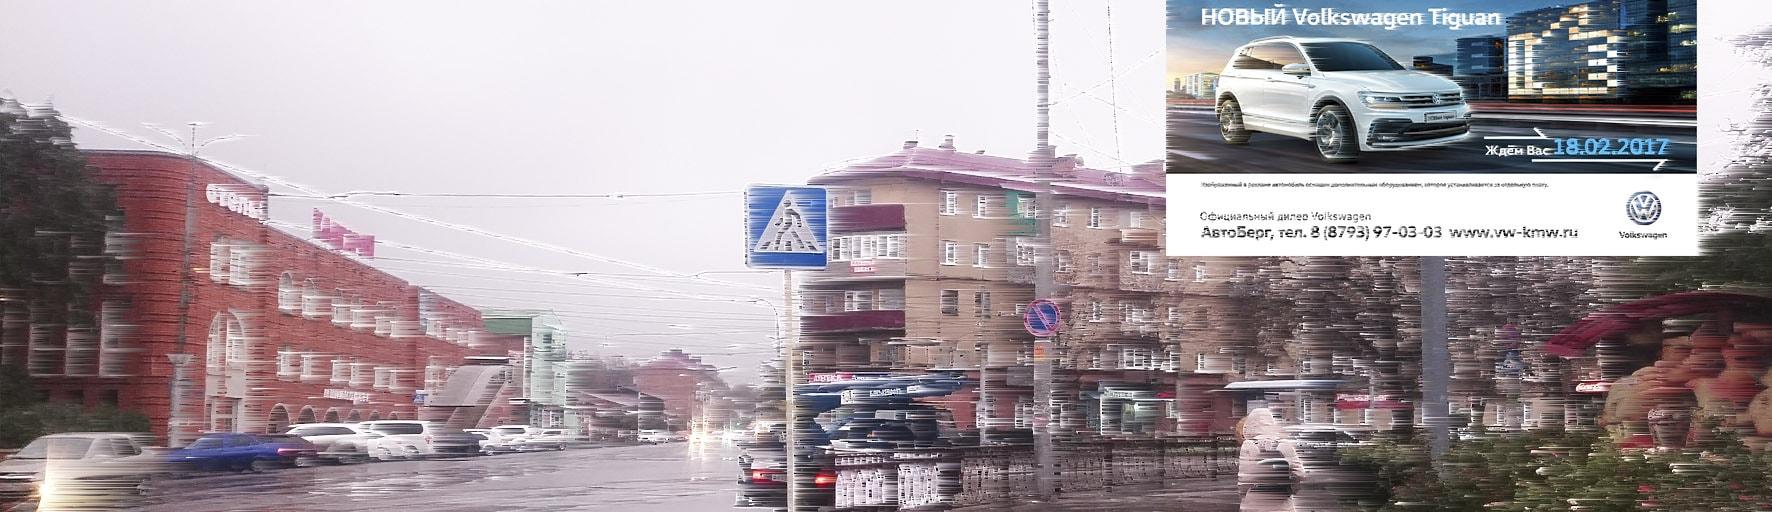 Размещение наружной рекламы Владикавказ